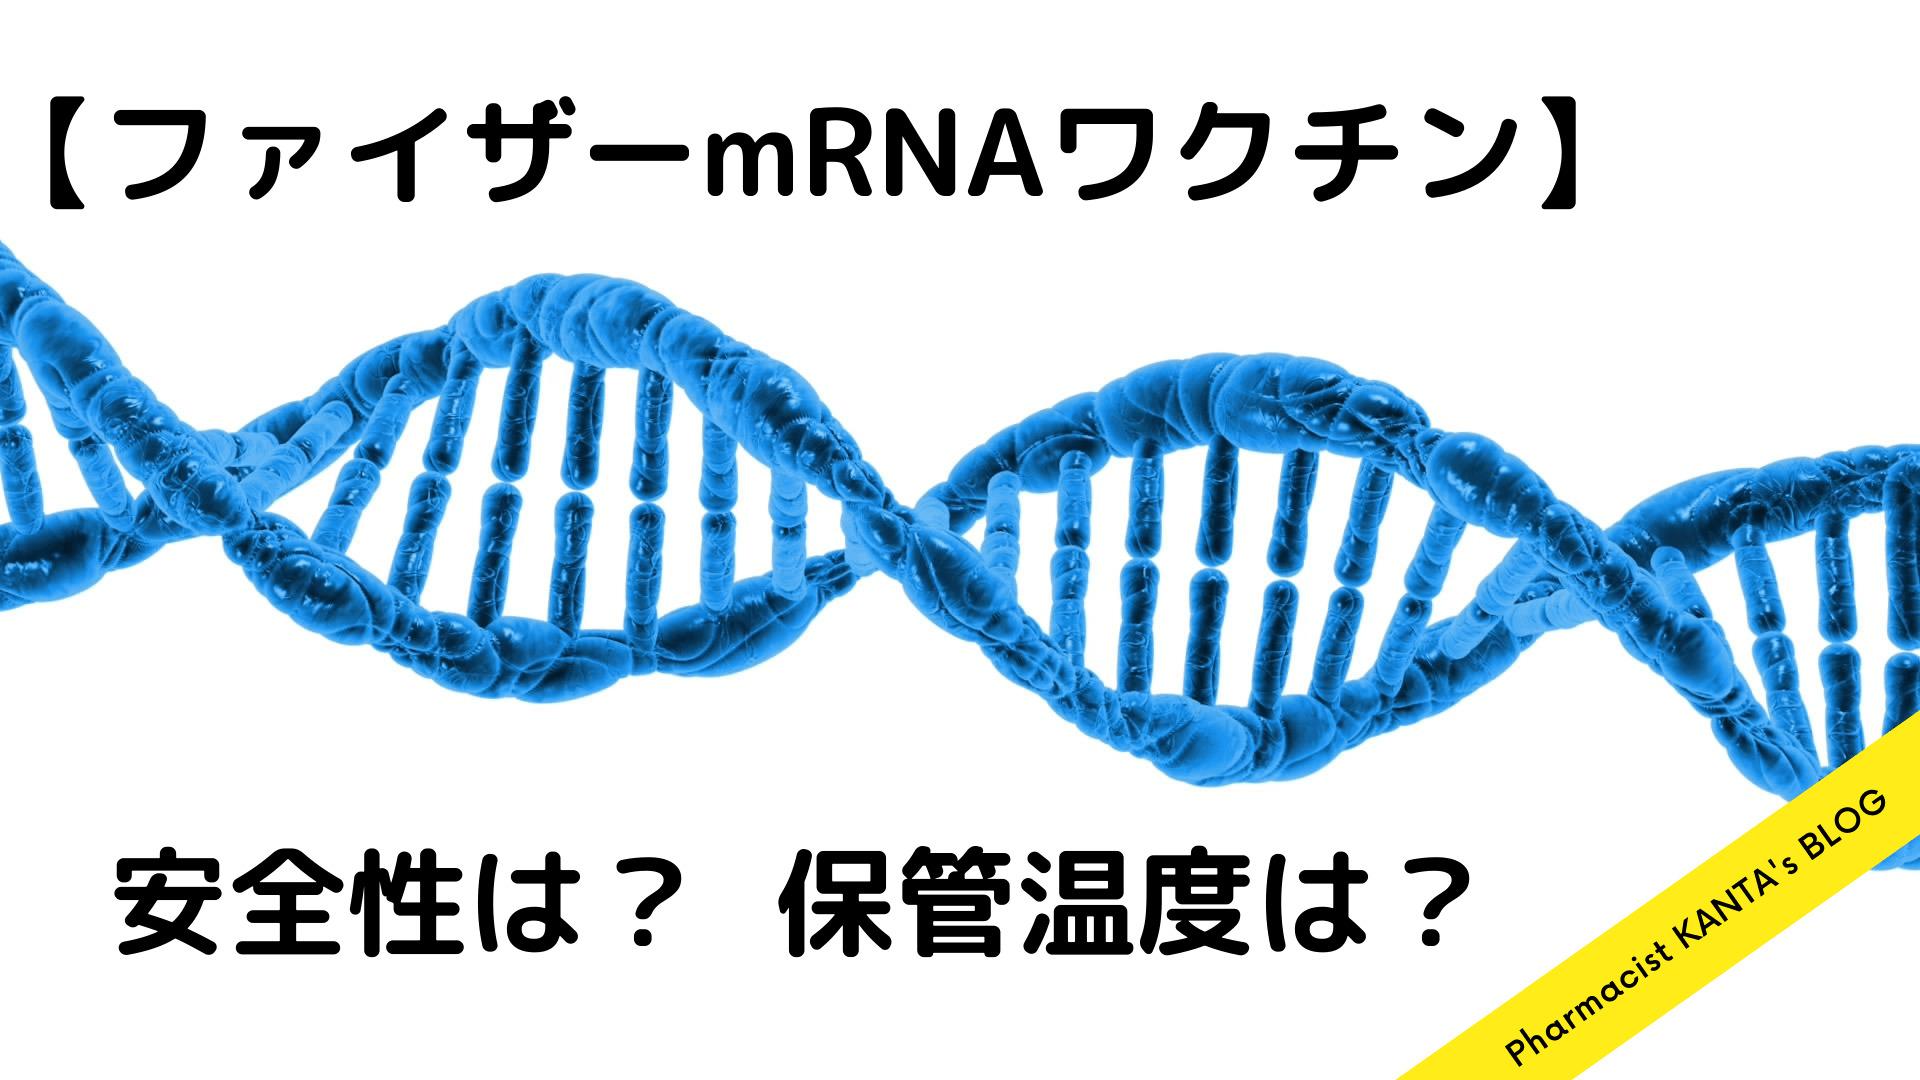 ファイザーワクチン mRNAワクチンは安全?保管温度は?